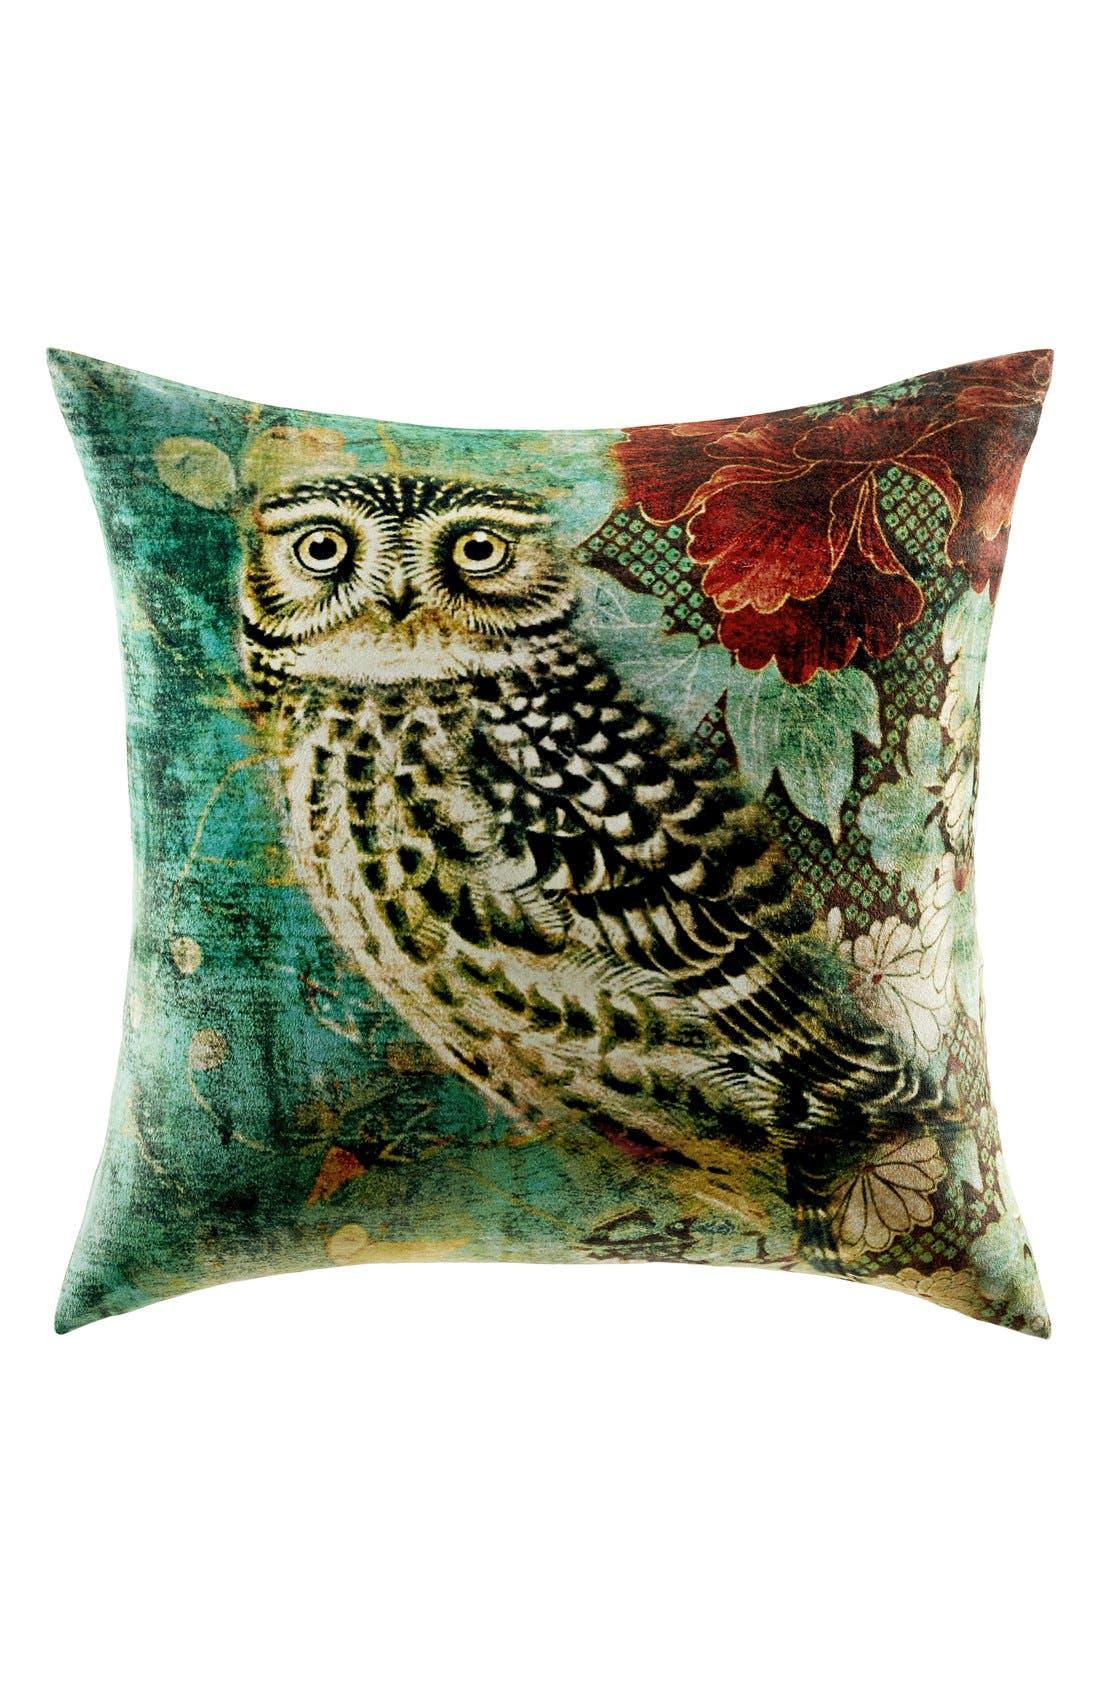 Alternate Image 1 Selected - Tracy Porter® For Poetic Wanderlust® 'Owl' Velvet Pillow